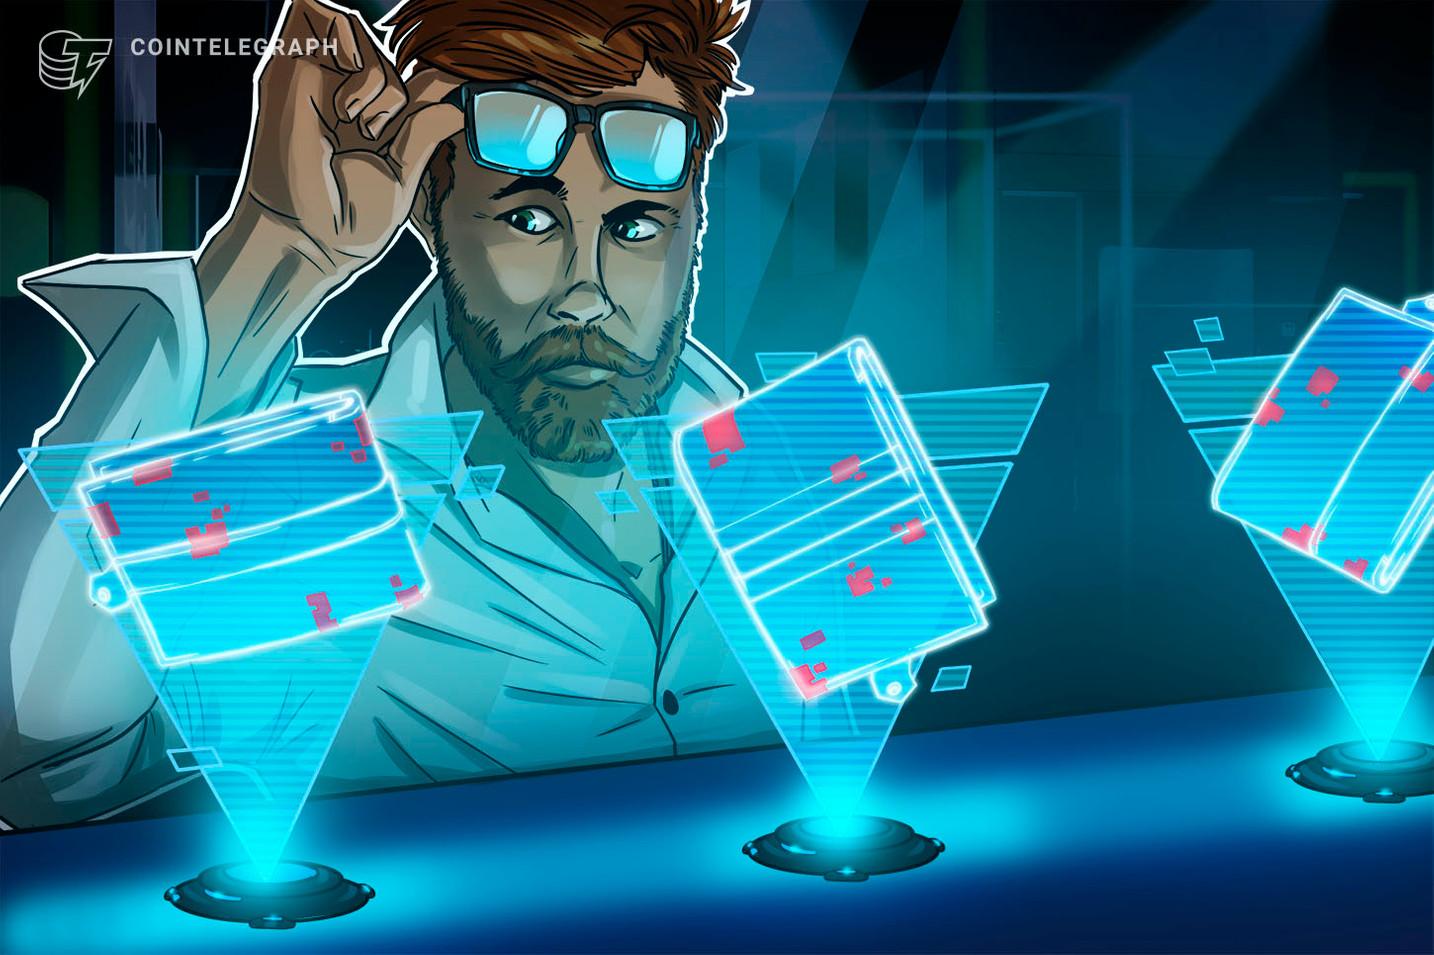 El número de billeteras de Bitcoin activas aumentó antes de la subida del criptomercado